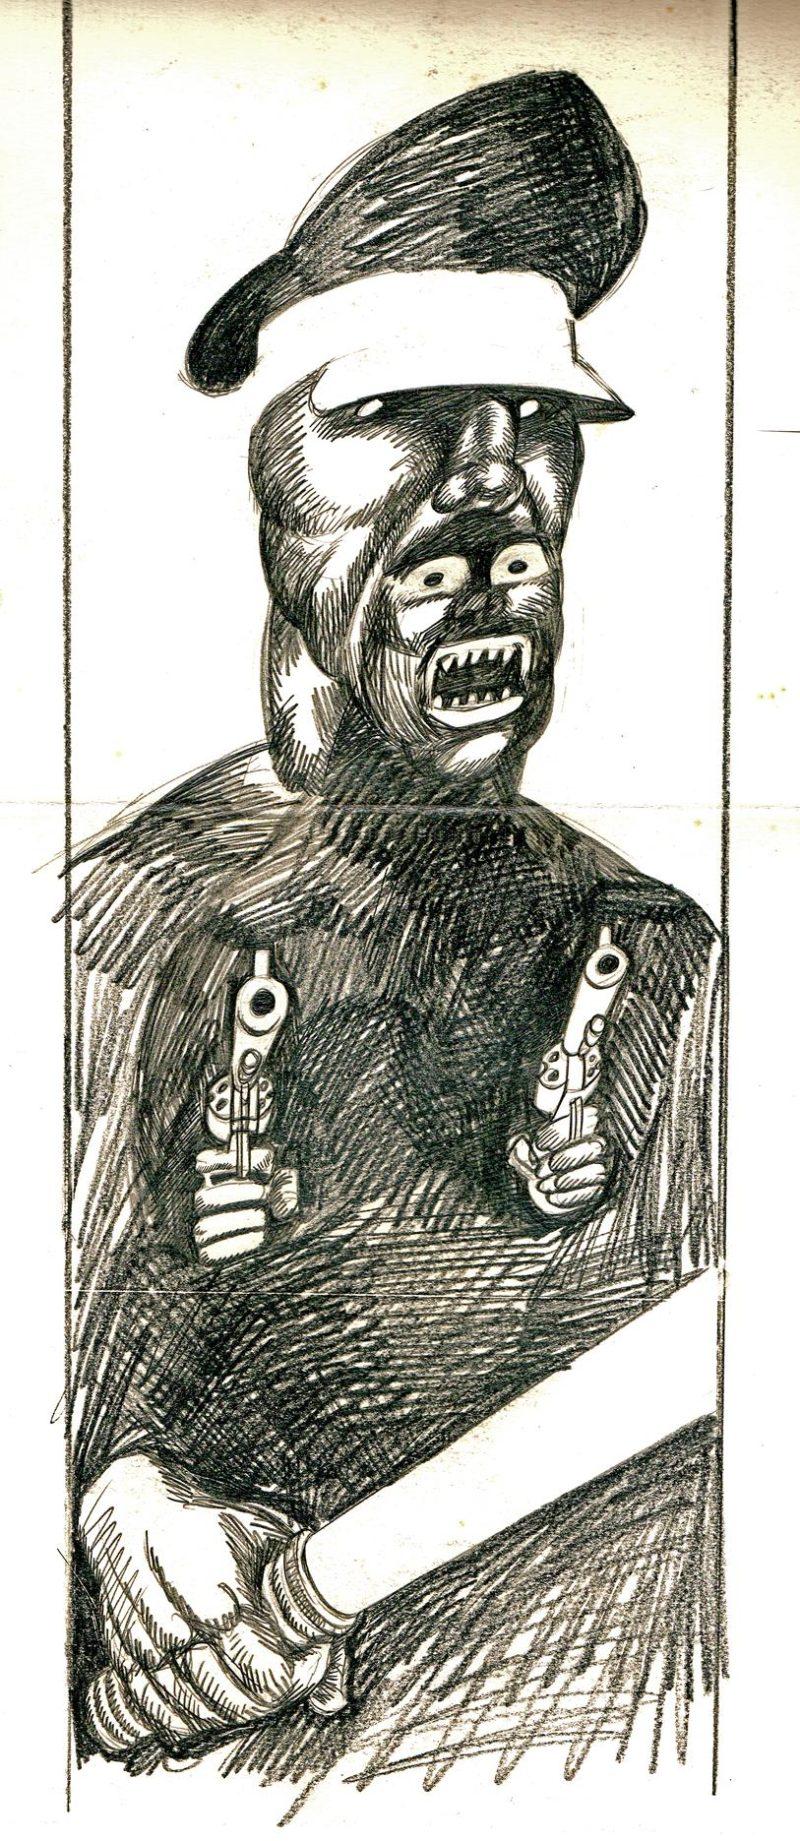 jornal Movimento (5) ilustração censurada (Copy)